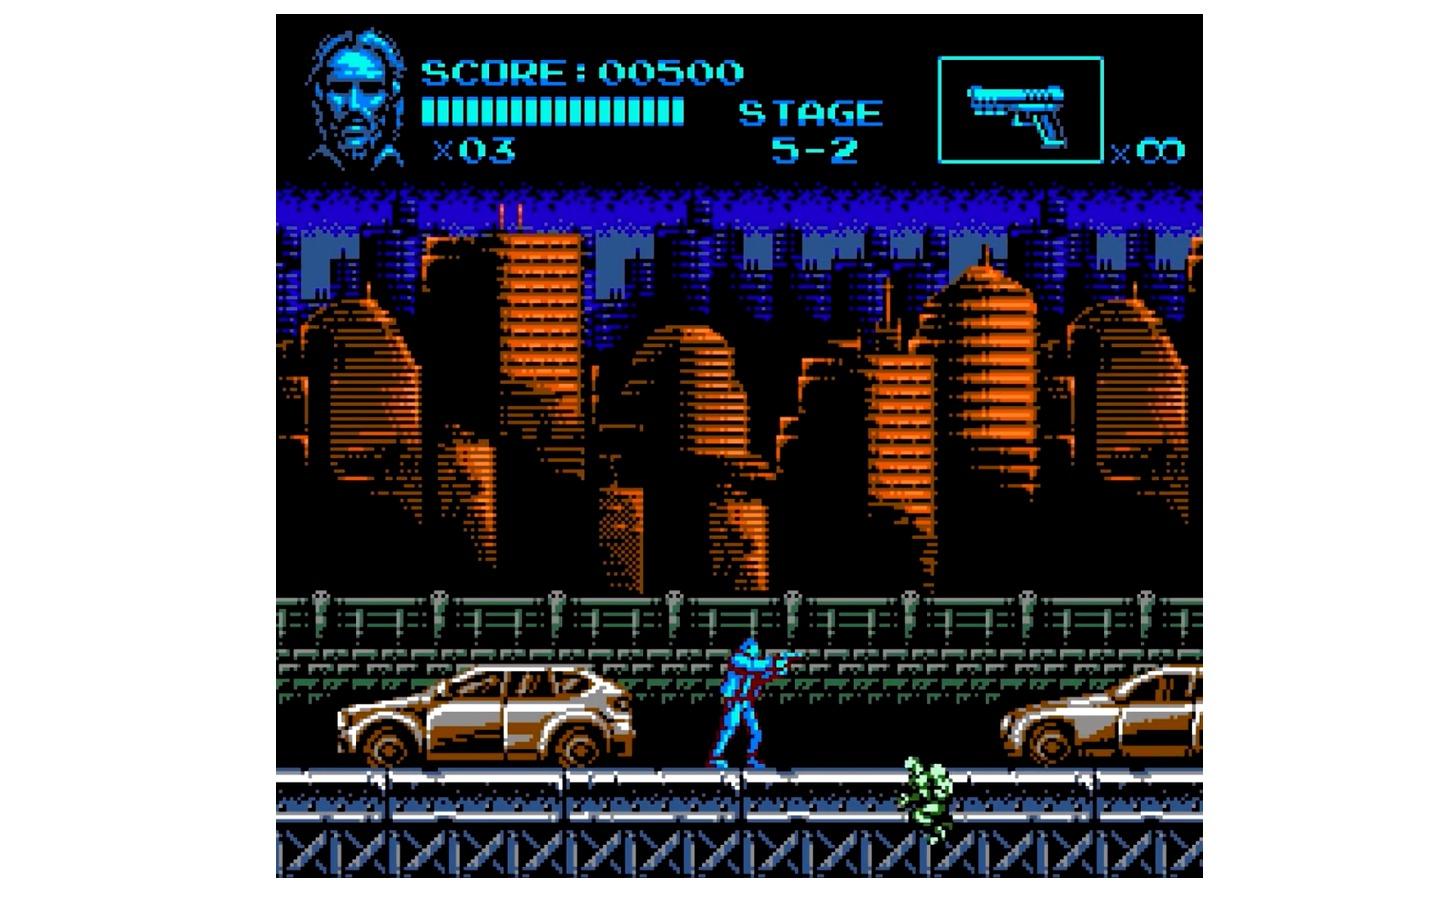 John Wick as a retro NES Game